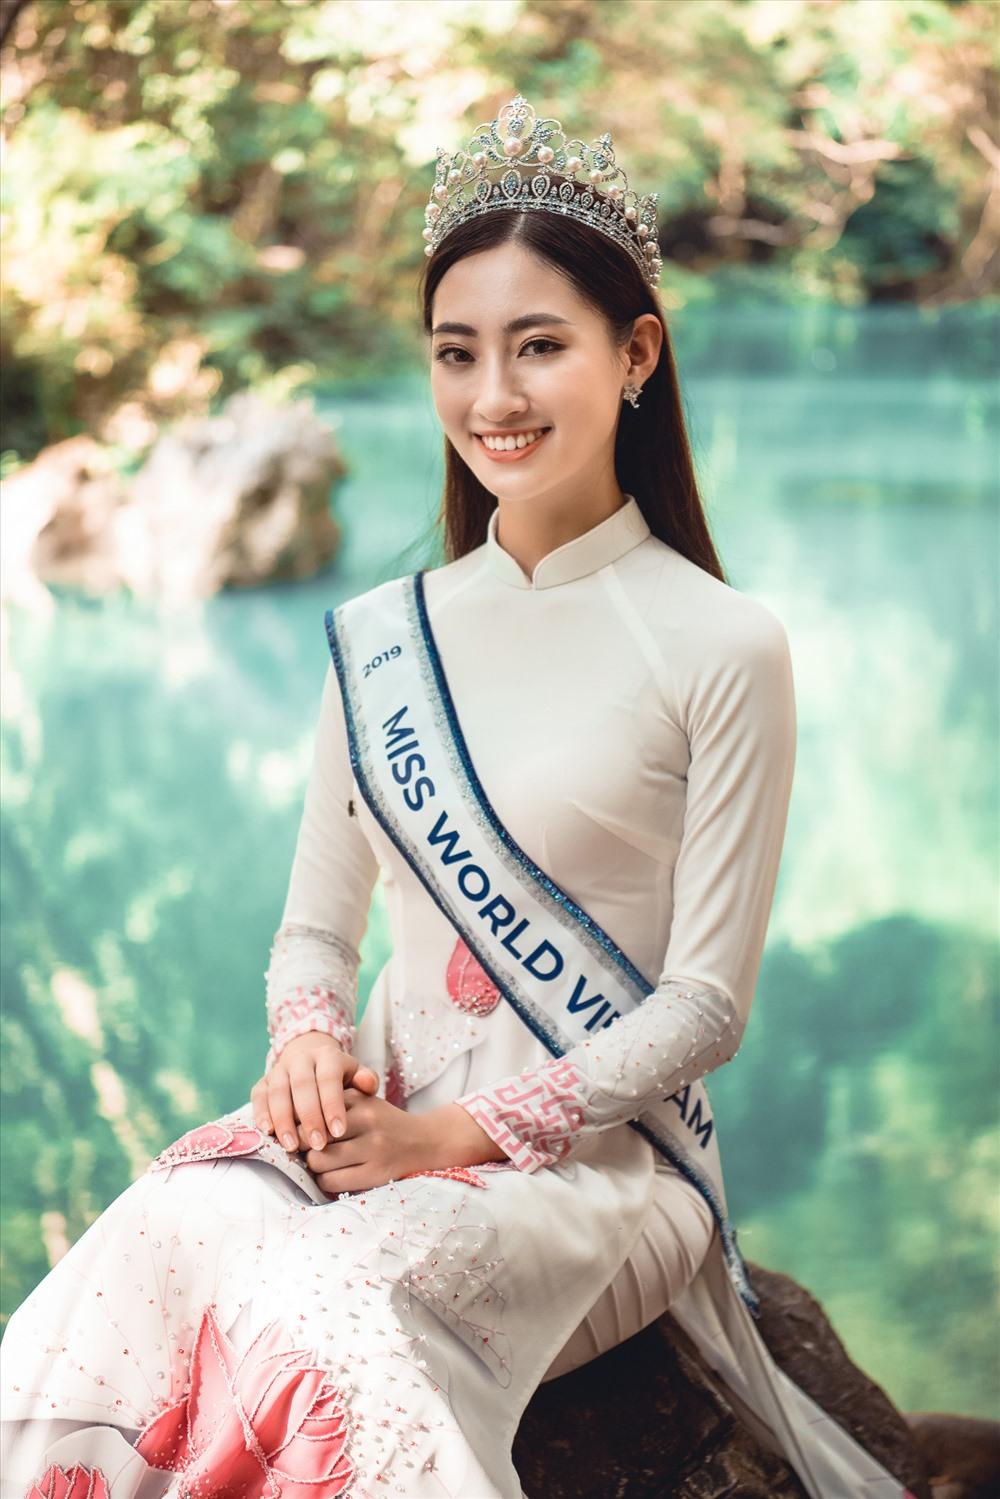 Sau chuyến về thăm quê hương với những hoạt động ý nghĩa, Lương Thuỳ Linh sẽ bước vào giai đoạn tập luyện và trau dồi để tham dự cuộc thi Miss World dự kiến diễn ra vào cuối năm tại Anh. Ảnh: Vũ Toàn.